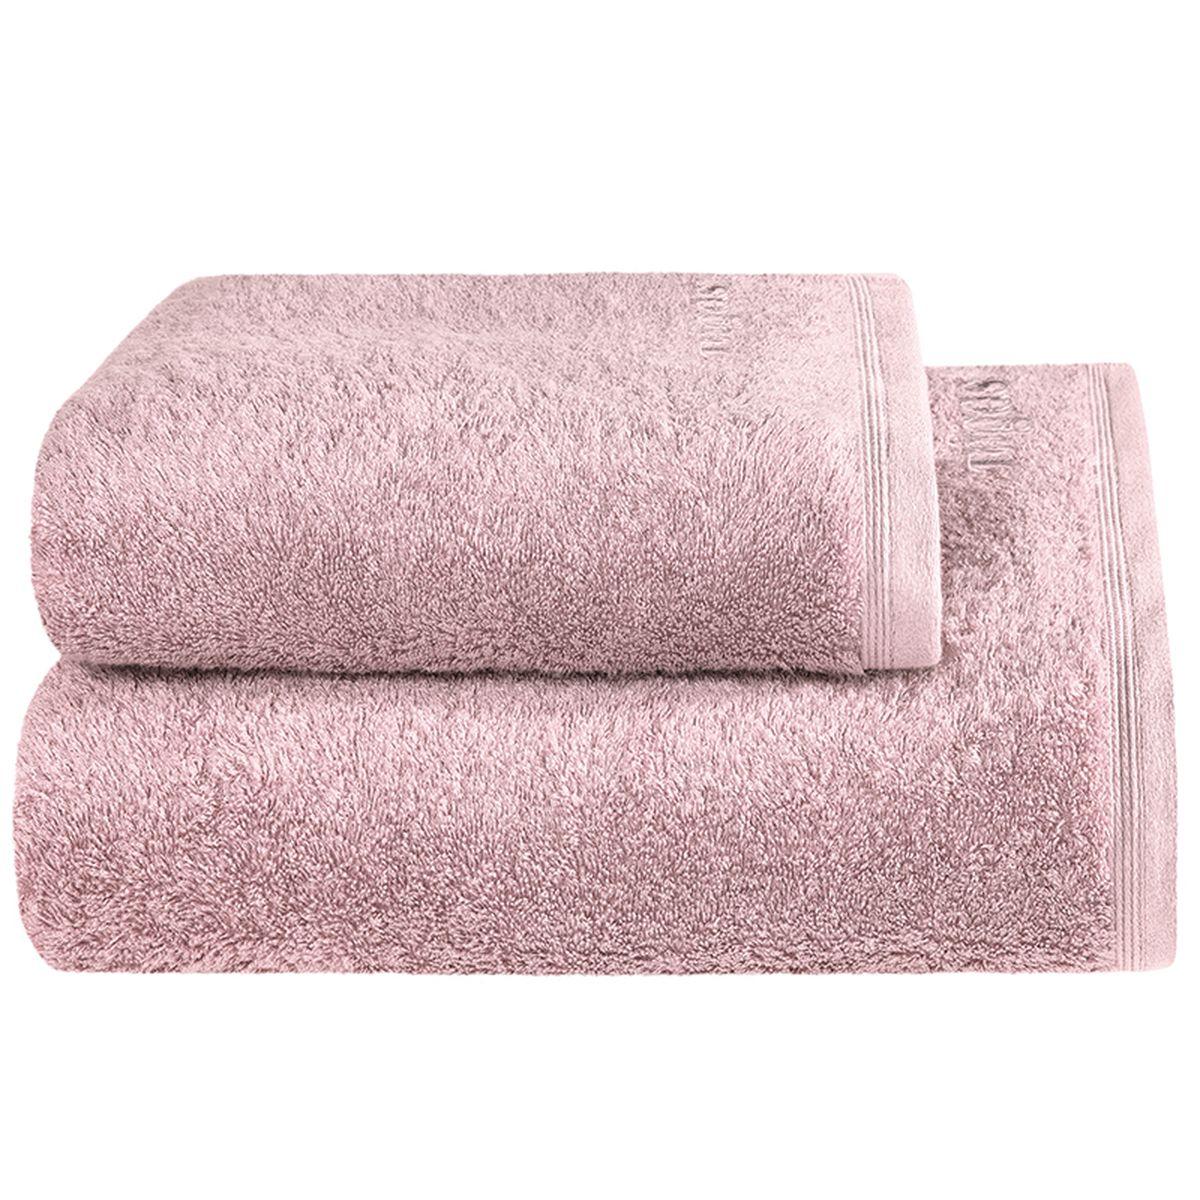 Полотенце Togas Пуатье, цвет: розовый, 70 х 140 см10.00.01.1046Полотенце Togas Пуатье невероятно гармонично сочетает в себе лучшие качества современного махрового текстиля. Безупречные по качеству, экологичное полотенце из 70% хлопка и 30% модала идеально заботится о вашей коже, особенно после душа, когда вы расслаблены и особо уязвимы. Деликатный дизайн полотенца Togas «Пуатье» - воплощение изысканной простоты, где на первый план выходит качество материала. Невероятно мягкое волокно модал, превосходящее по своим свойствам даже хлопок, позволяет улучшить впитывающие качества полотенца и делает его удивительно мягким. Модал - это 100% натуральное, экологически чистое целлюлозное волокно. Оно производится без применения каких-либо химических примесей, поэтому абсолютно гипоаллергенно.Полотенце Togas Пуатье, обладающее идеальными качествами, будет поднимать вам настроение.